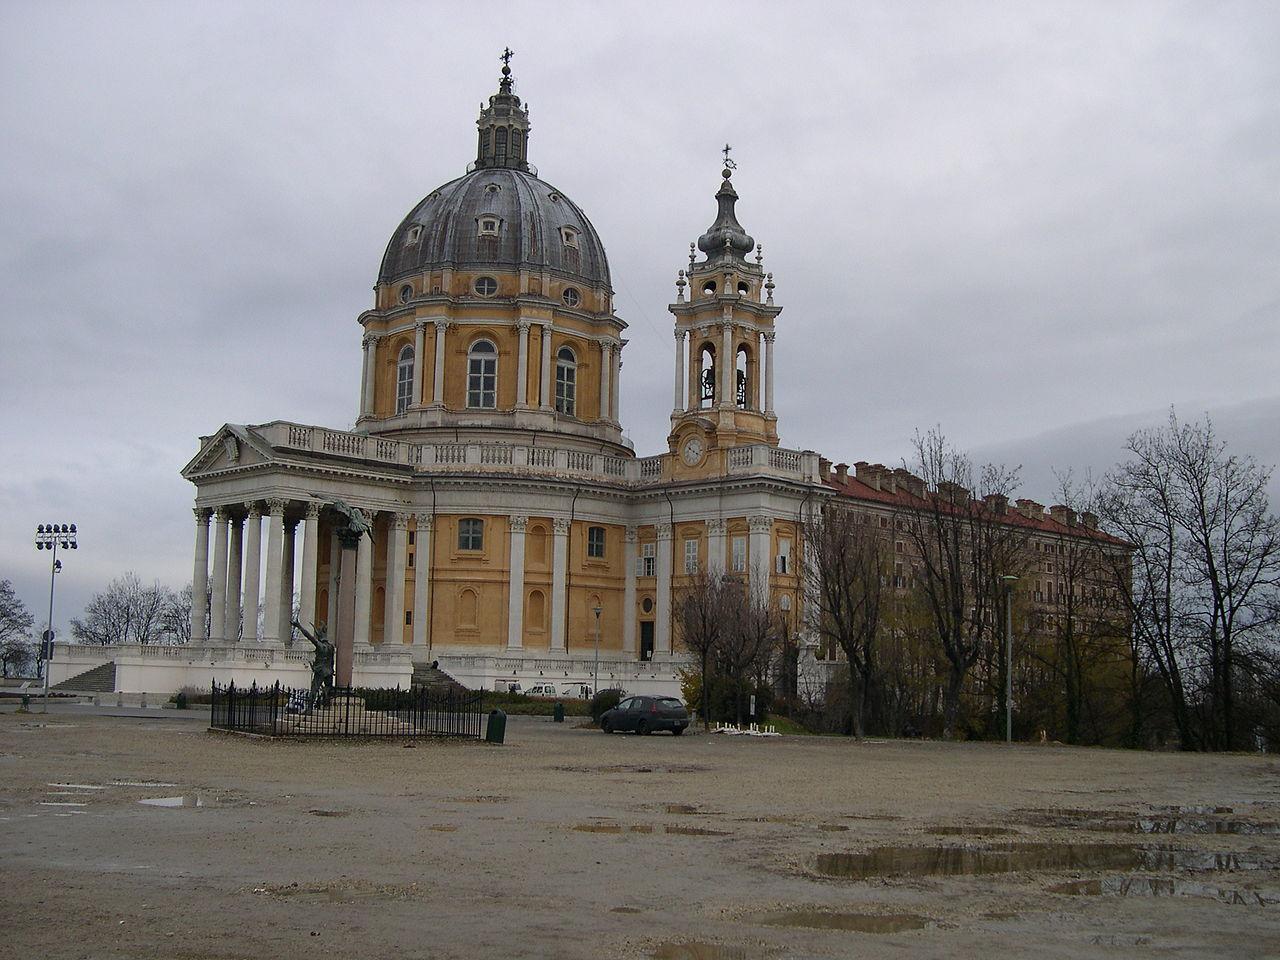 La basílica de Superga